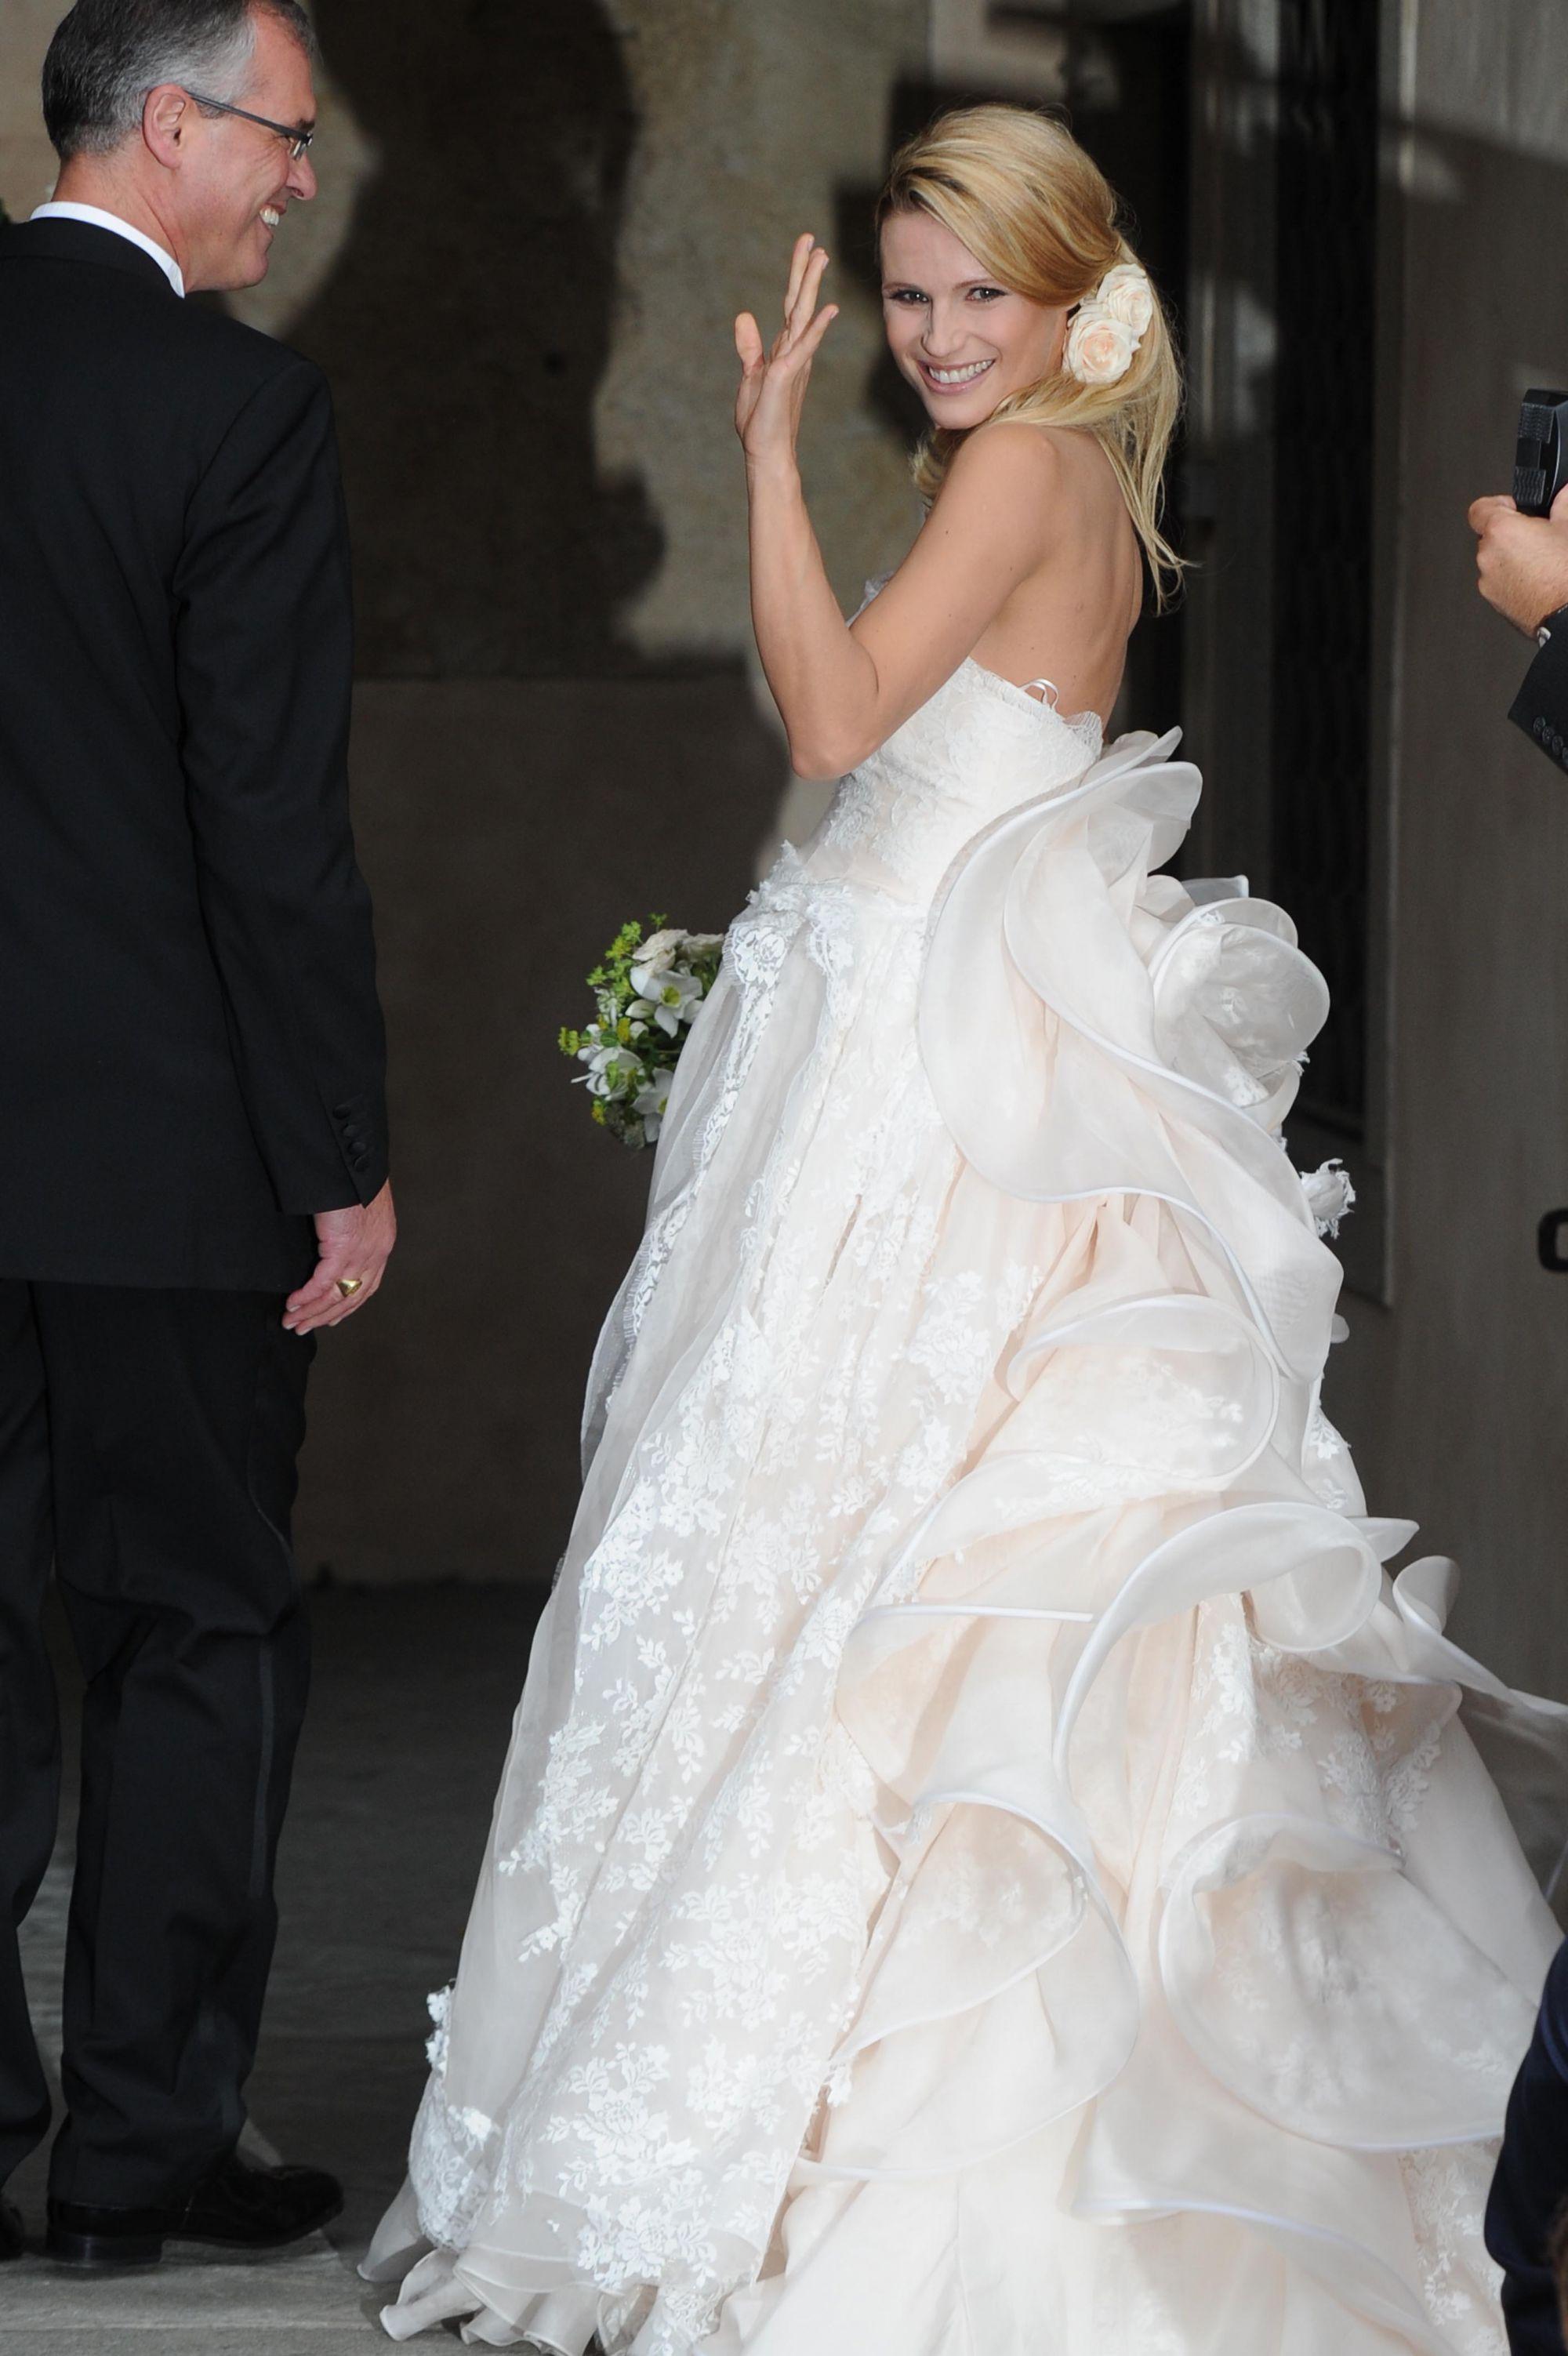 Tomaso Trussardi et Michelle Hunziker - Sortie du mariage de ...